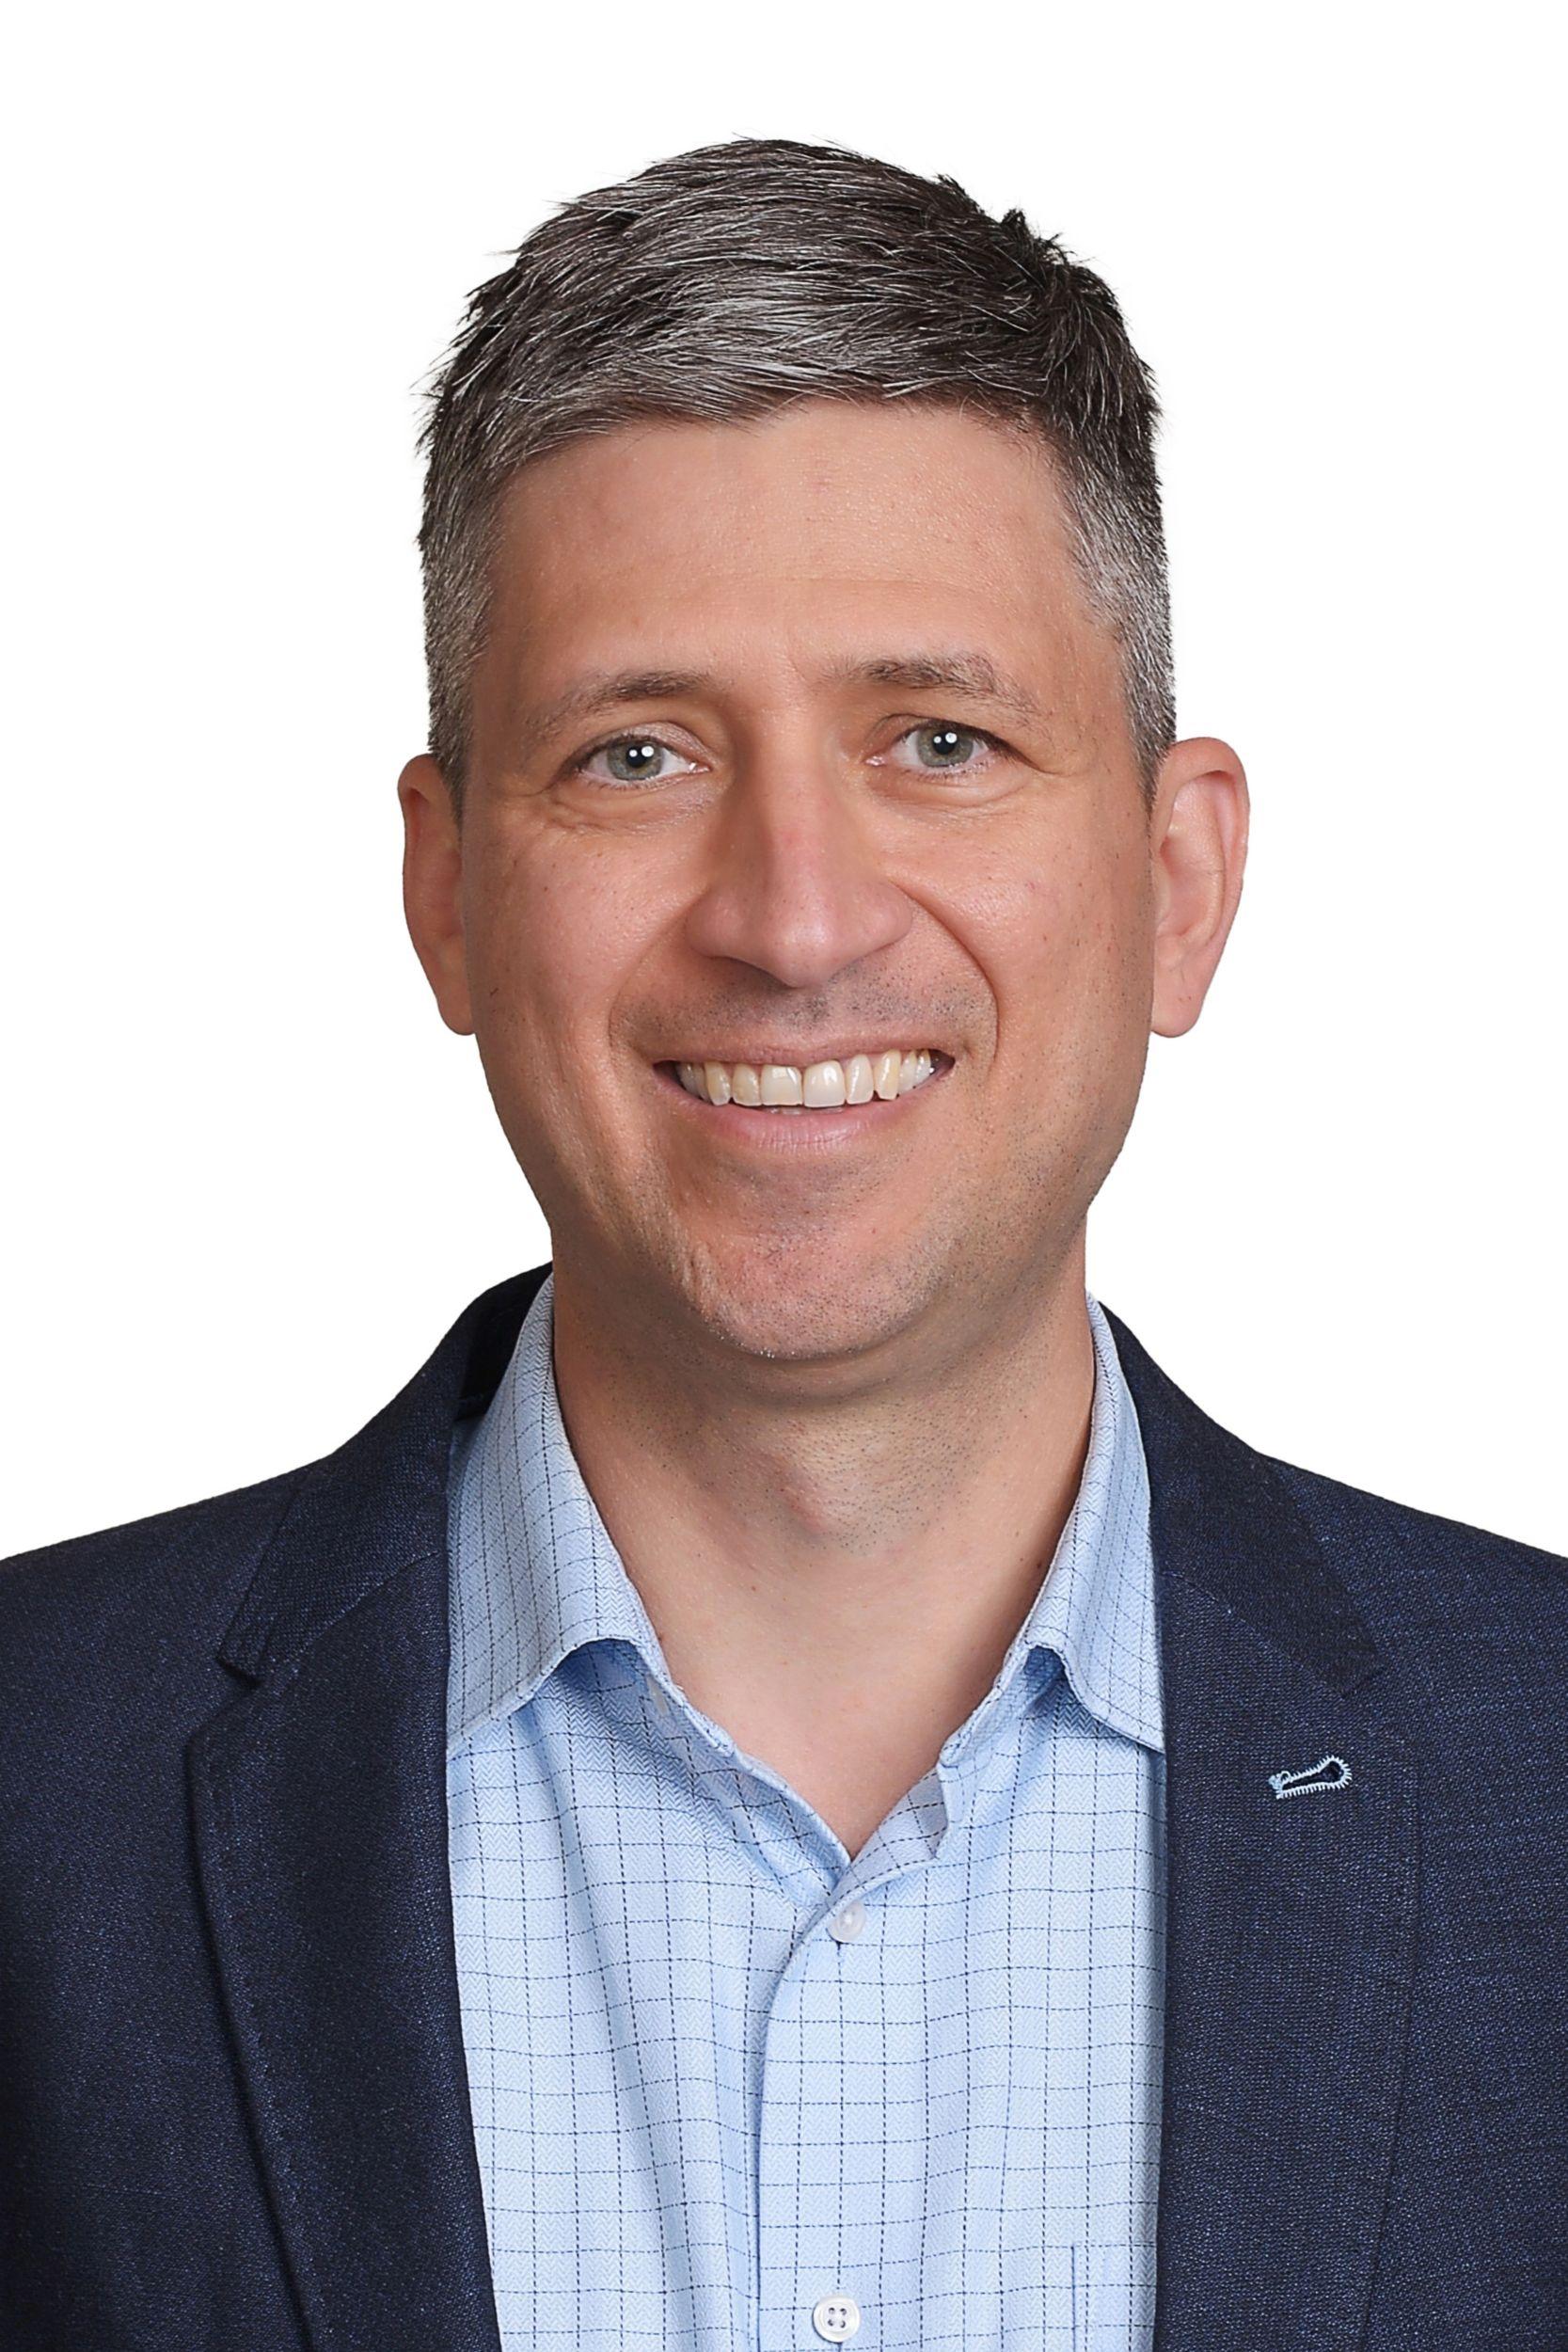 Colin Kerelchuk, VP Global Aftermarket